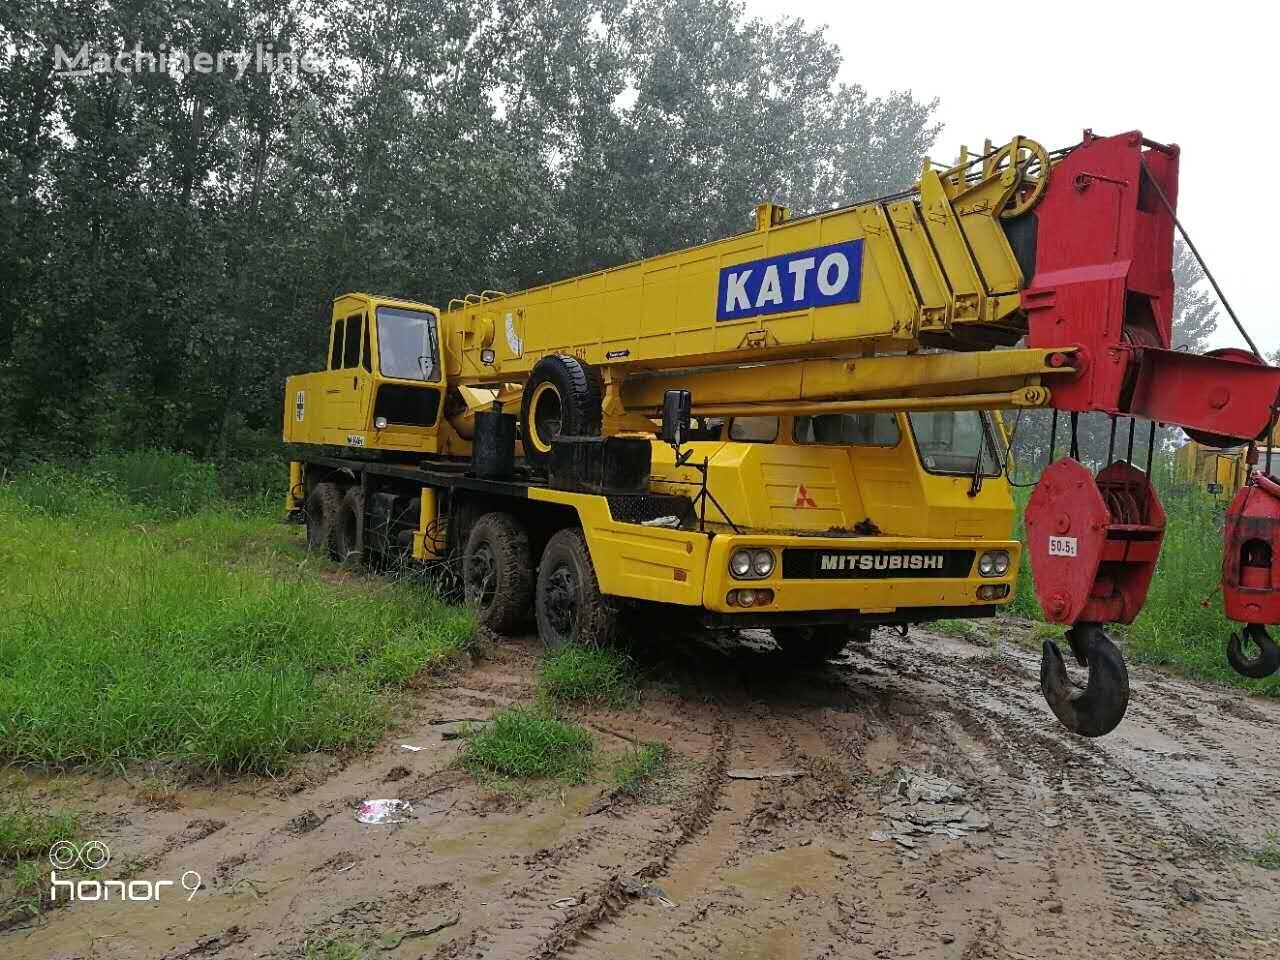 KATO NK500E mobile crane